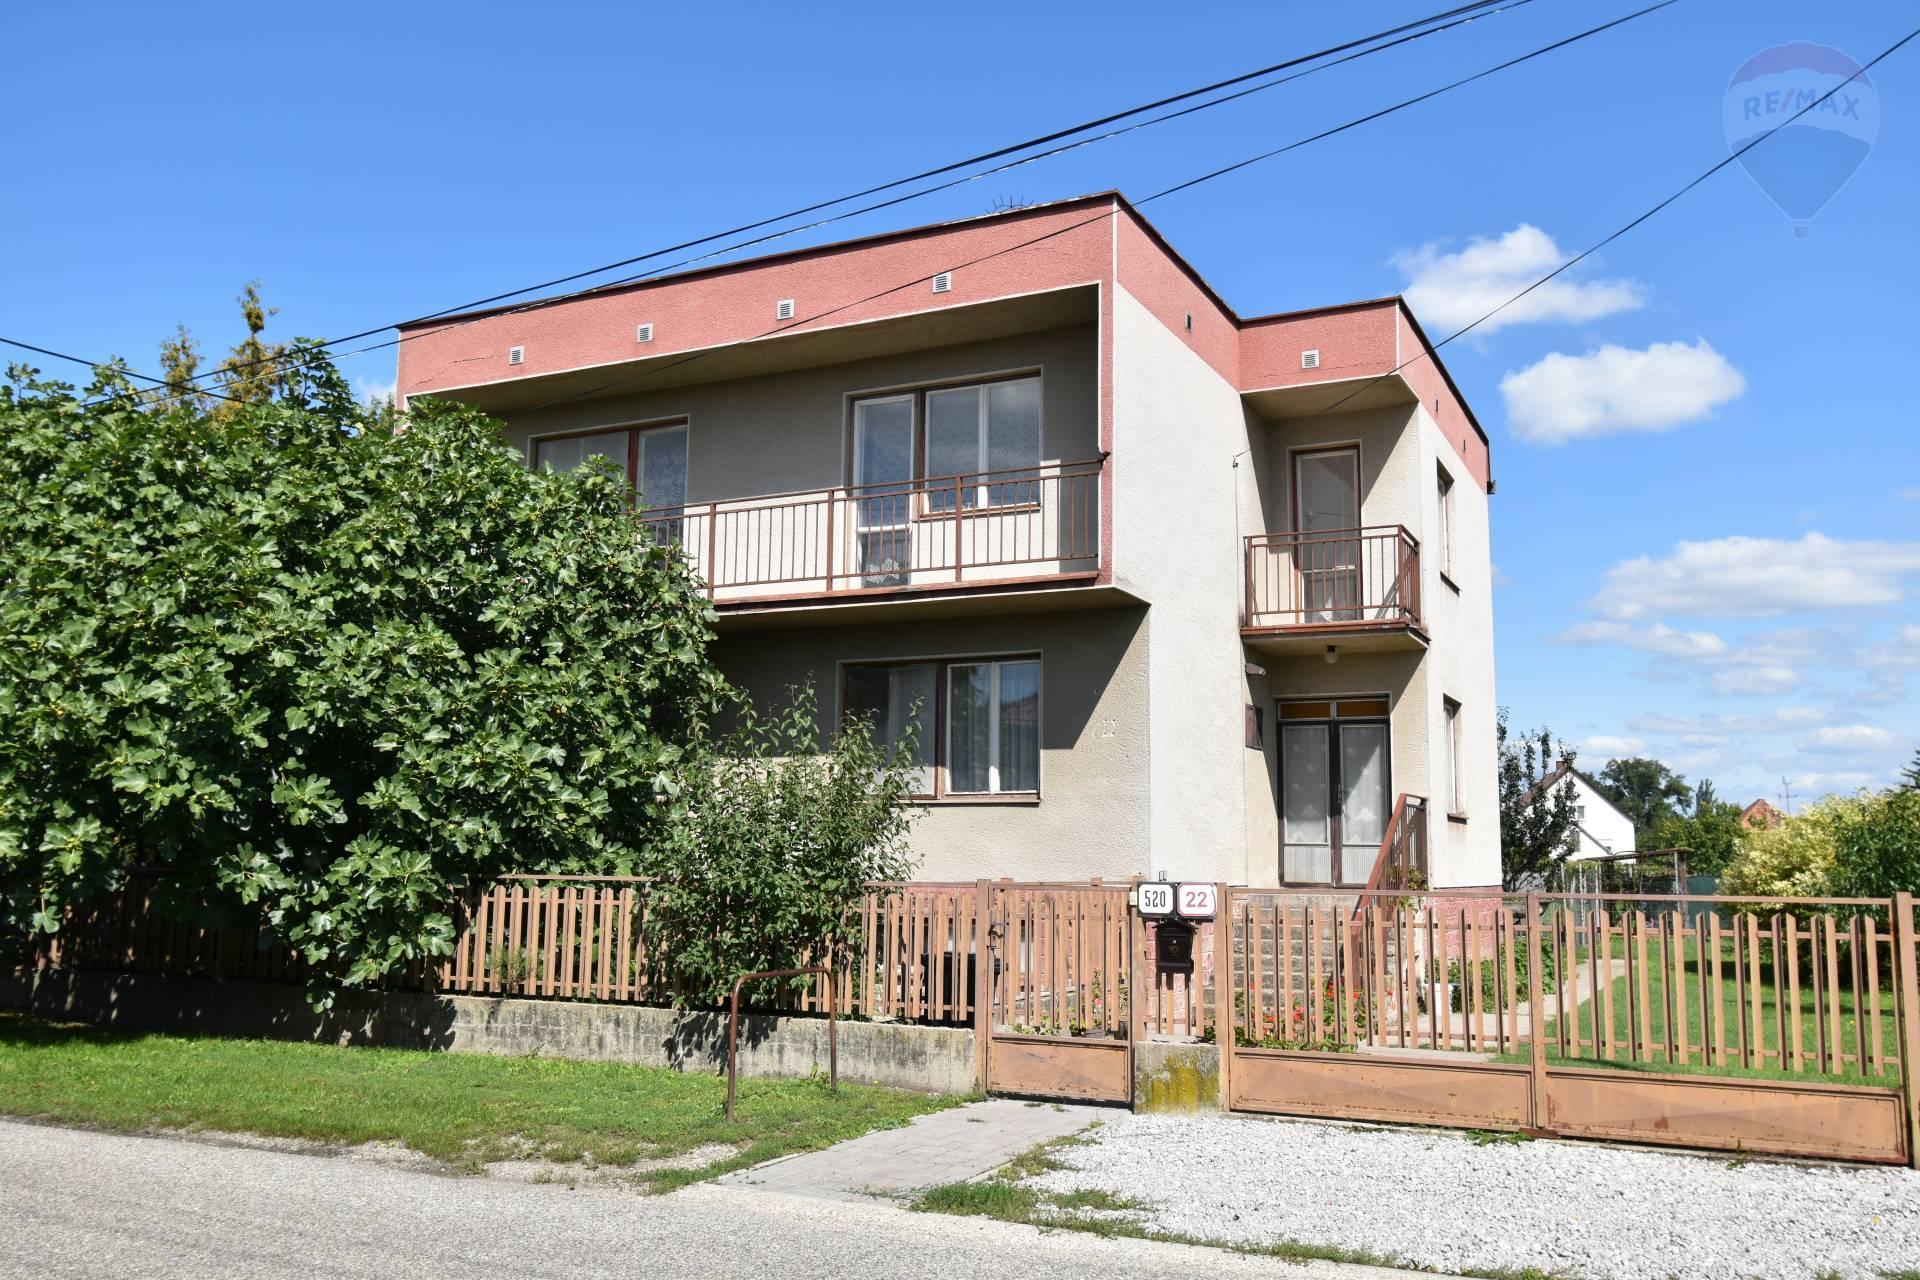 Predaj: Rodinný dom, Vrakúň, 5 izieb, pozemok 1 210 m2,